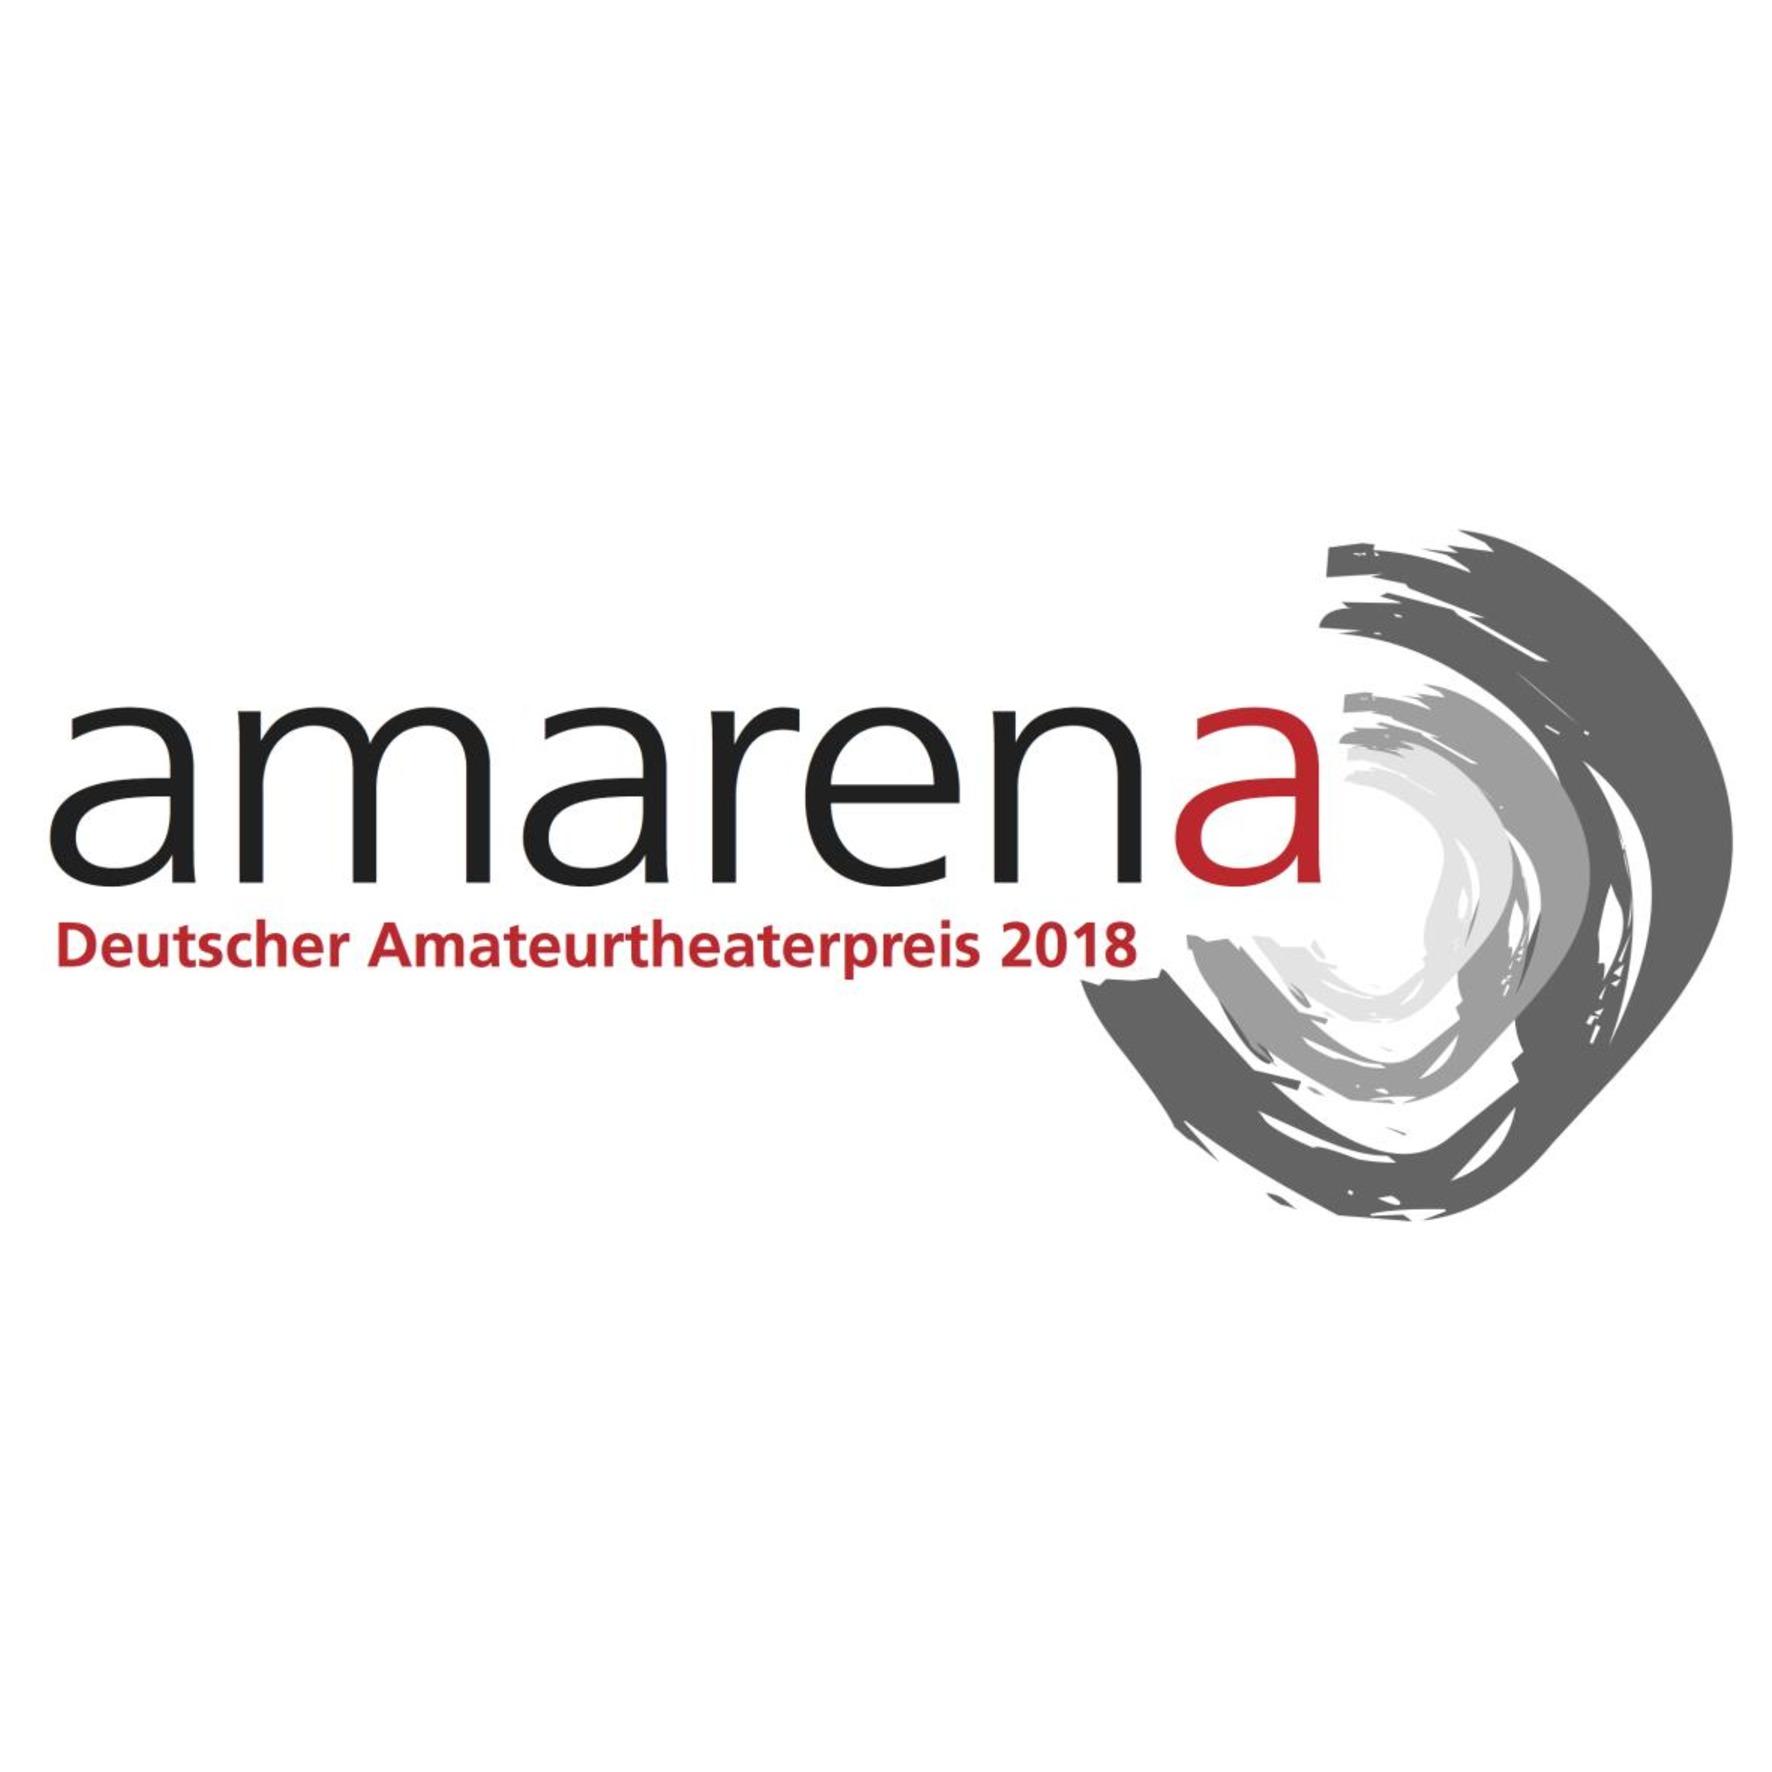 amarena-2018